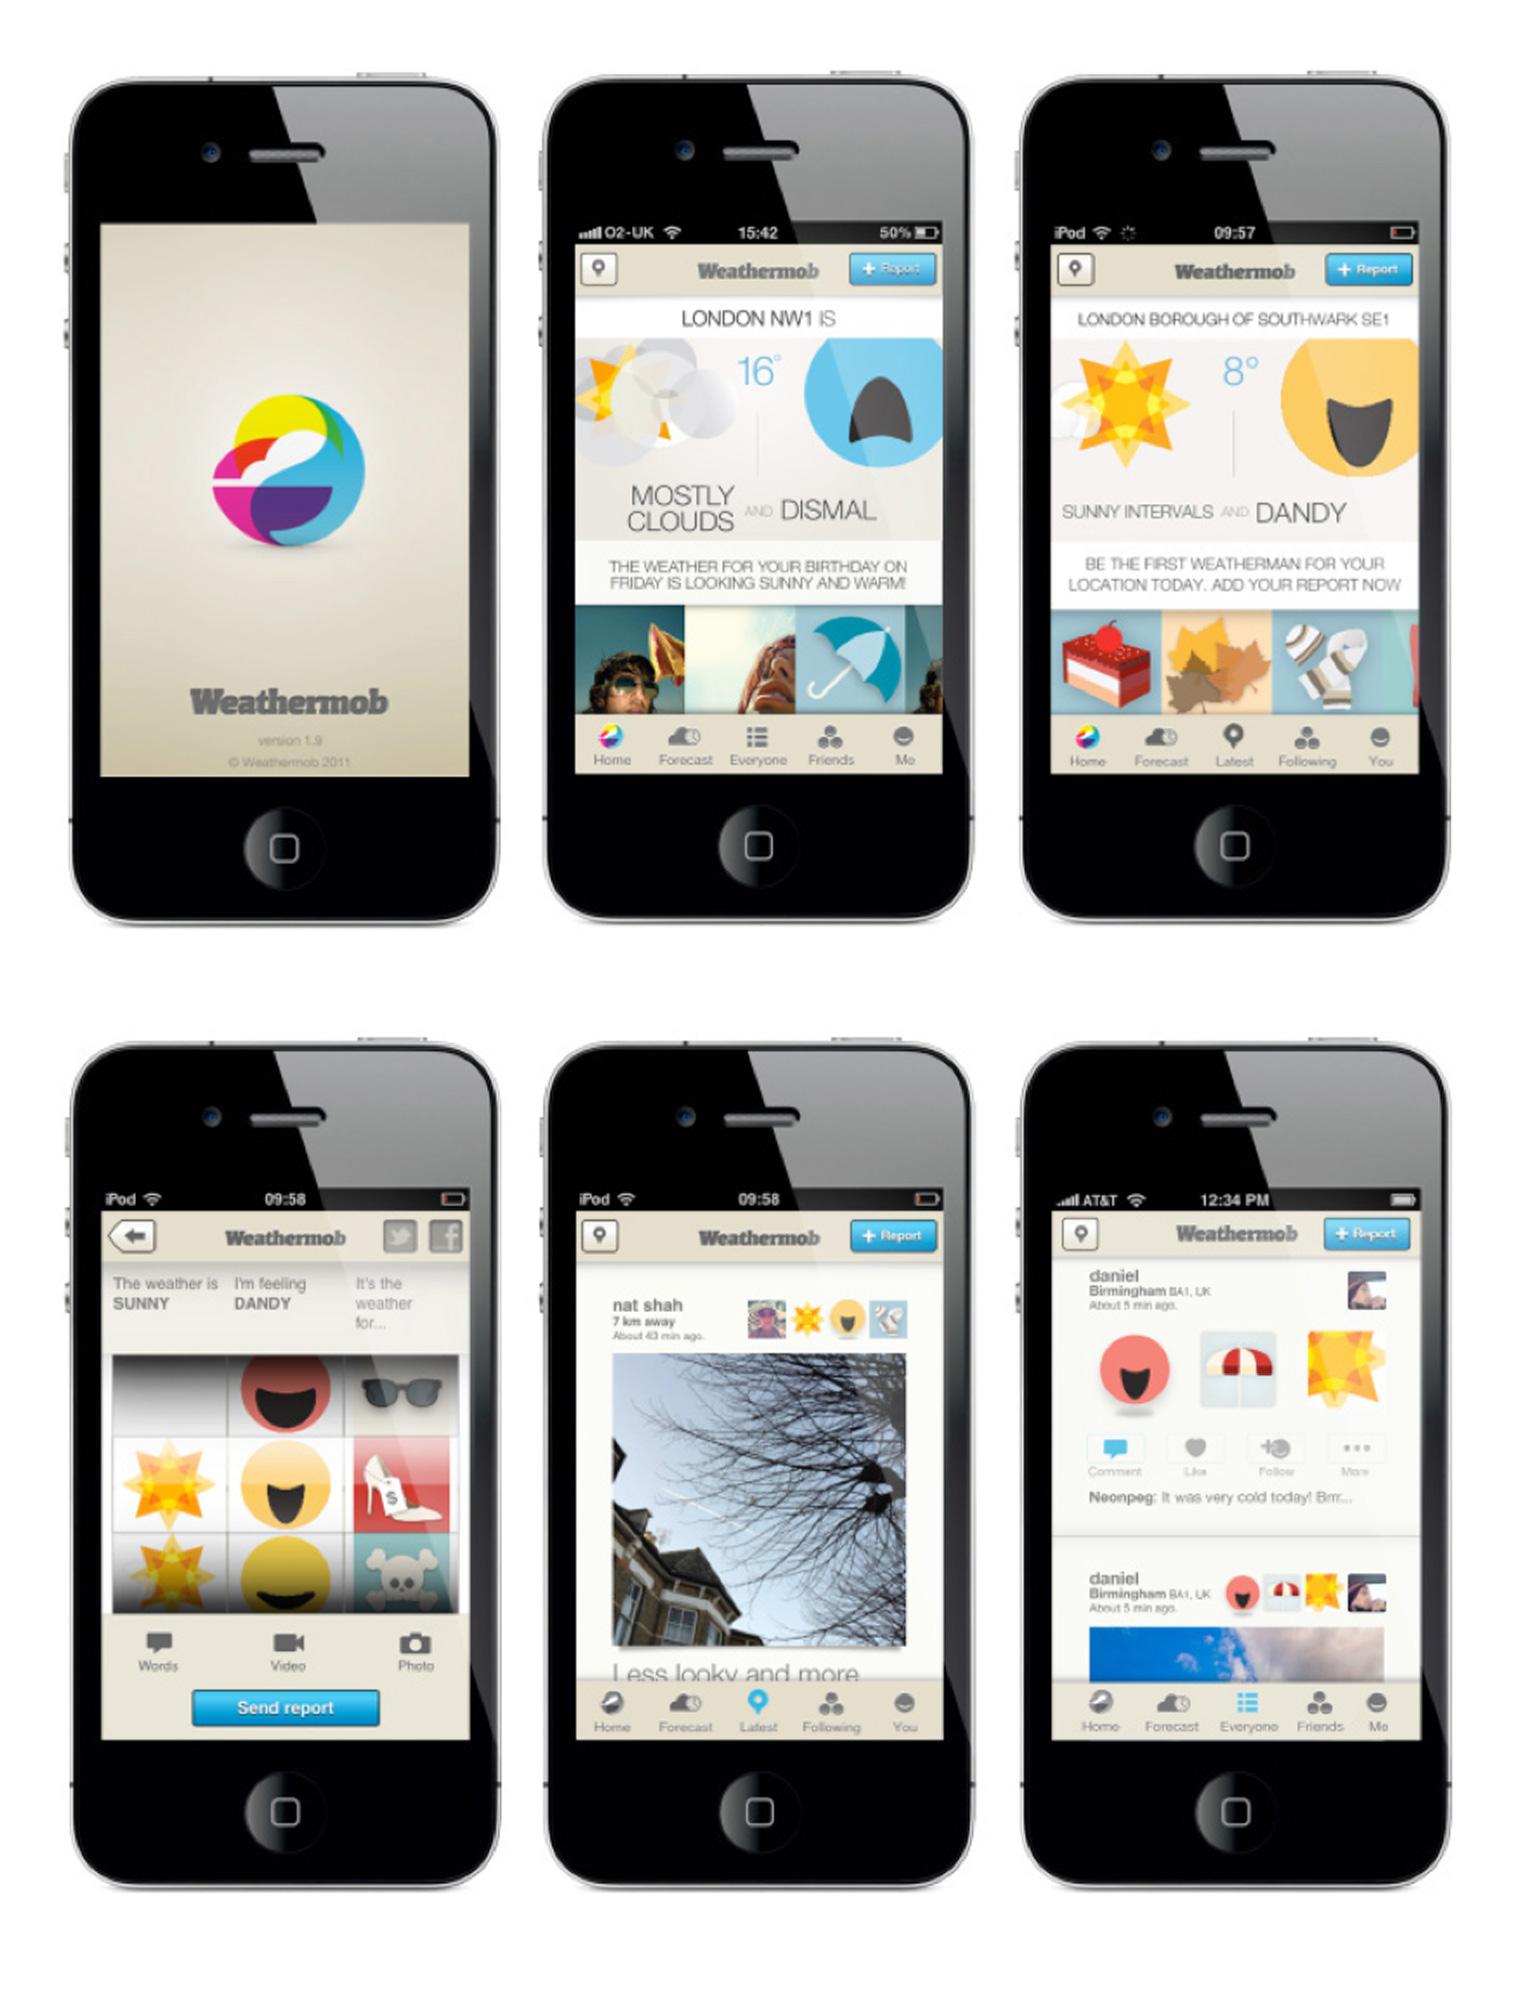 Weathermop App Phones